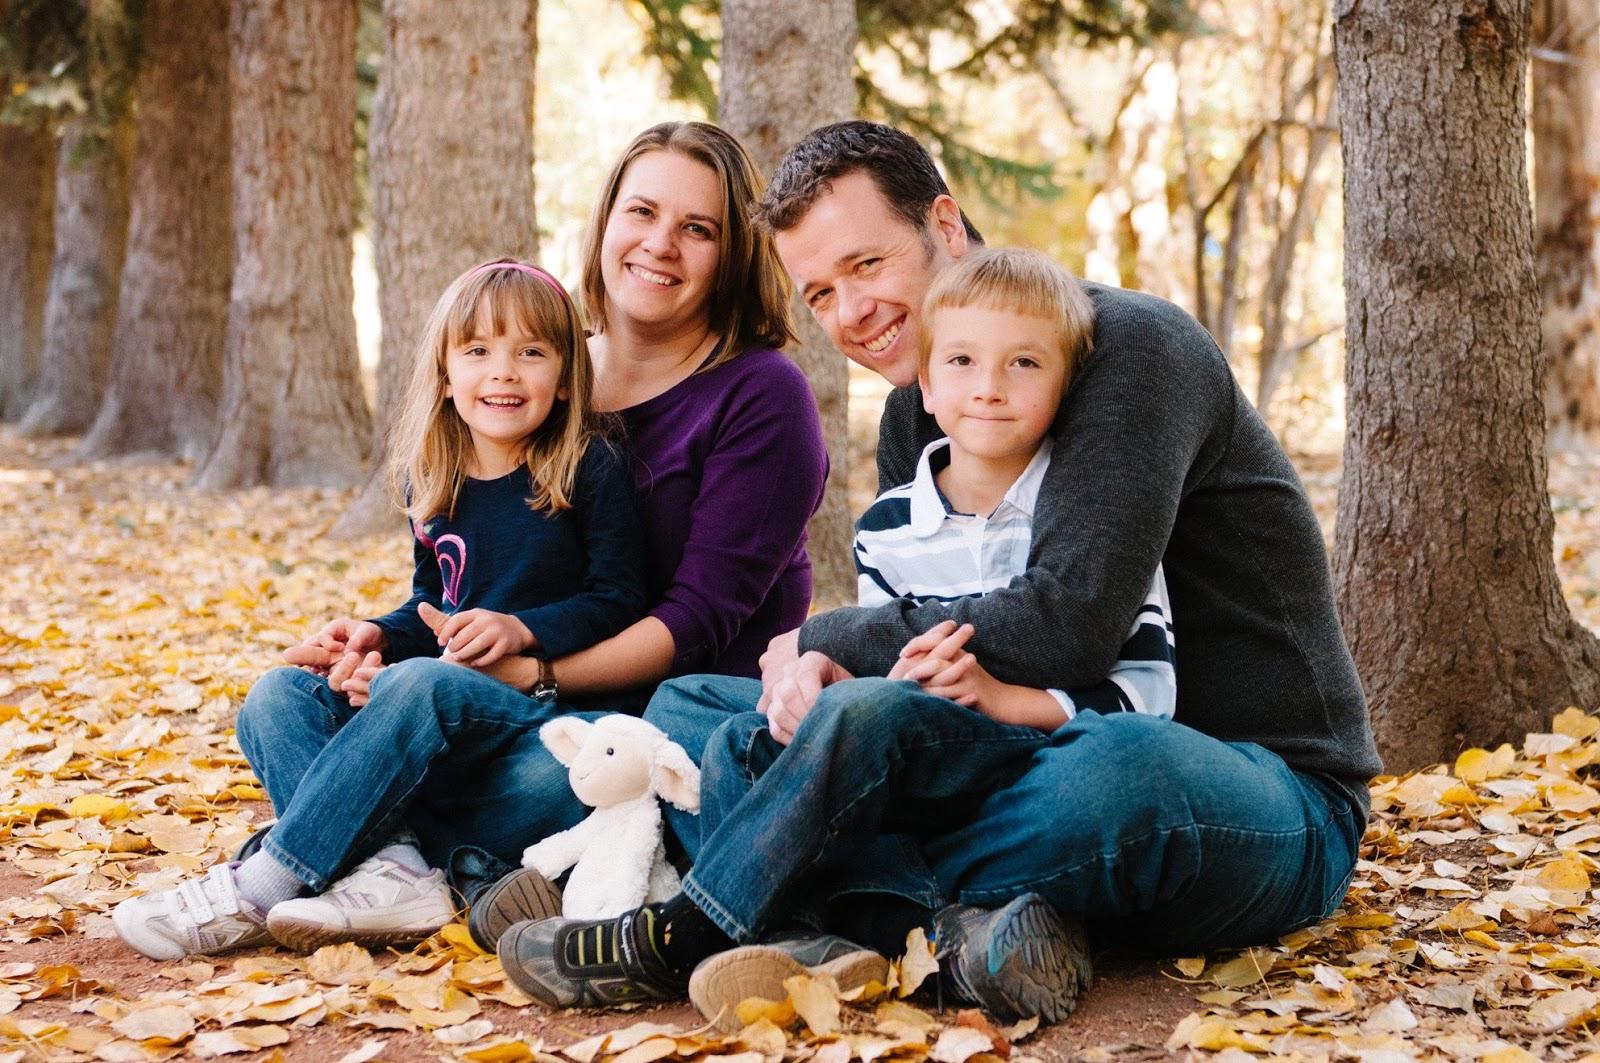 Our family - september 29 2012